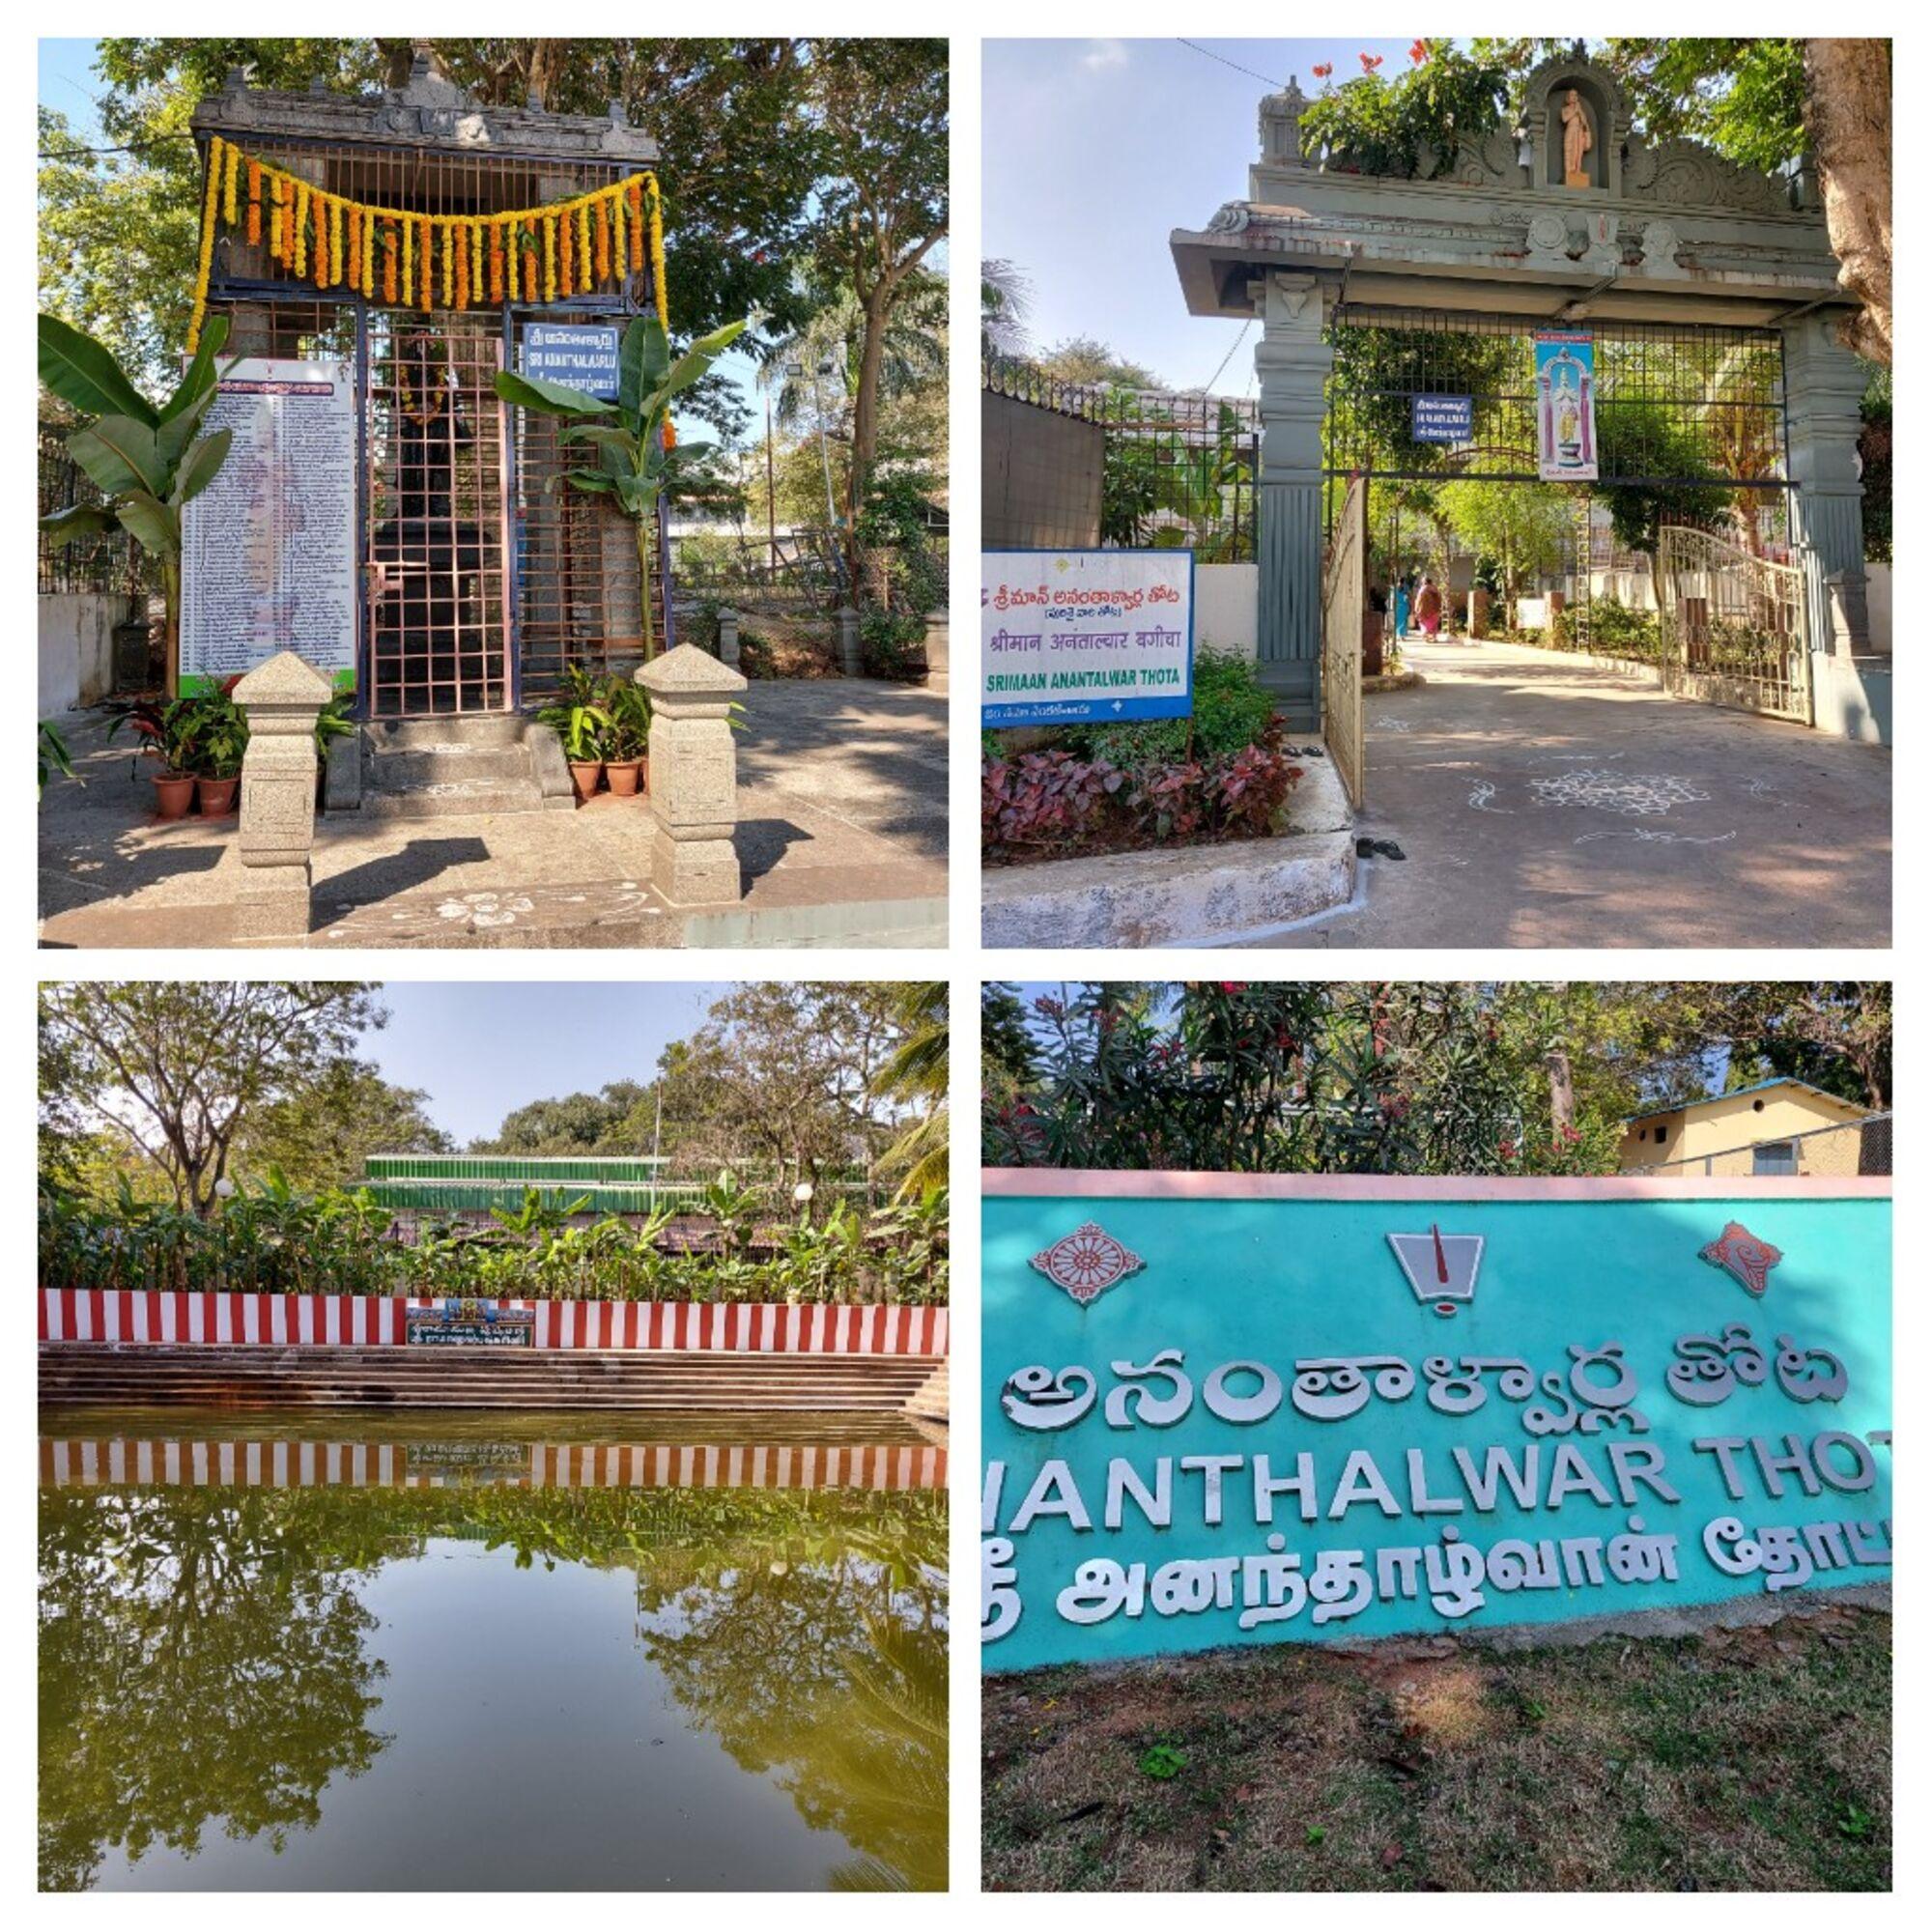 Sri Ananthalwar Thota (Garden) - ஸ்ரீ அனந்தாழ்வார் தோட்டம்